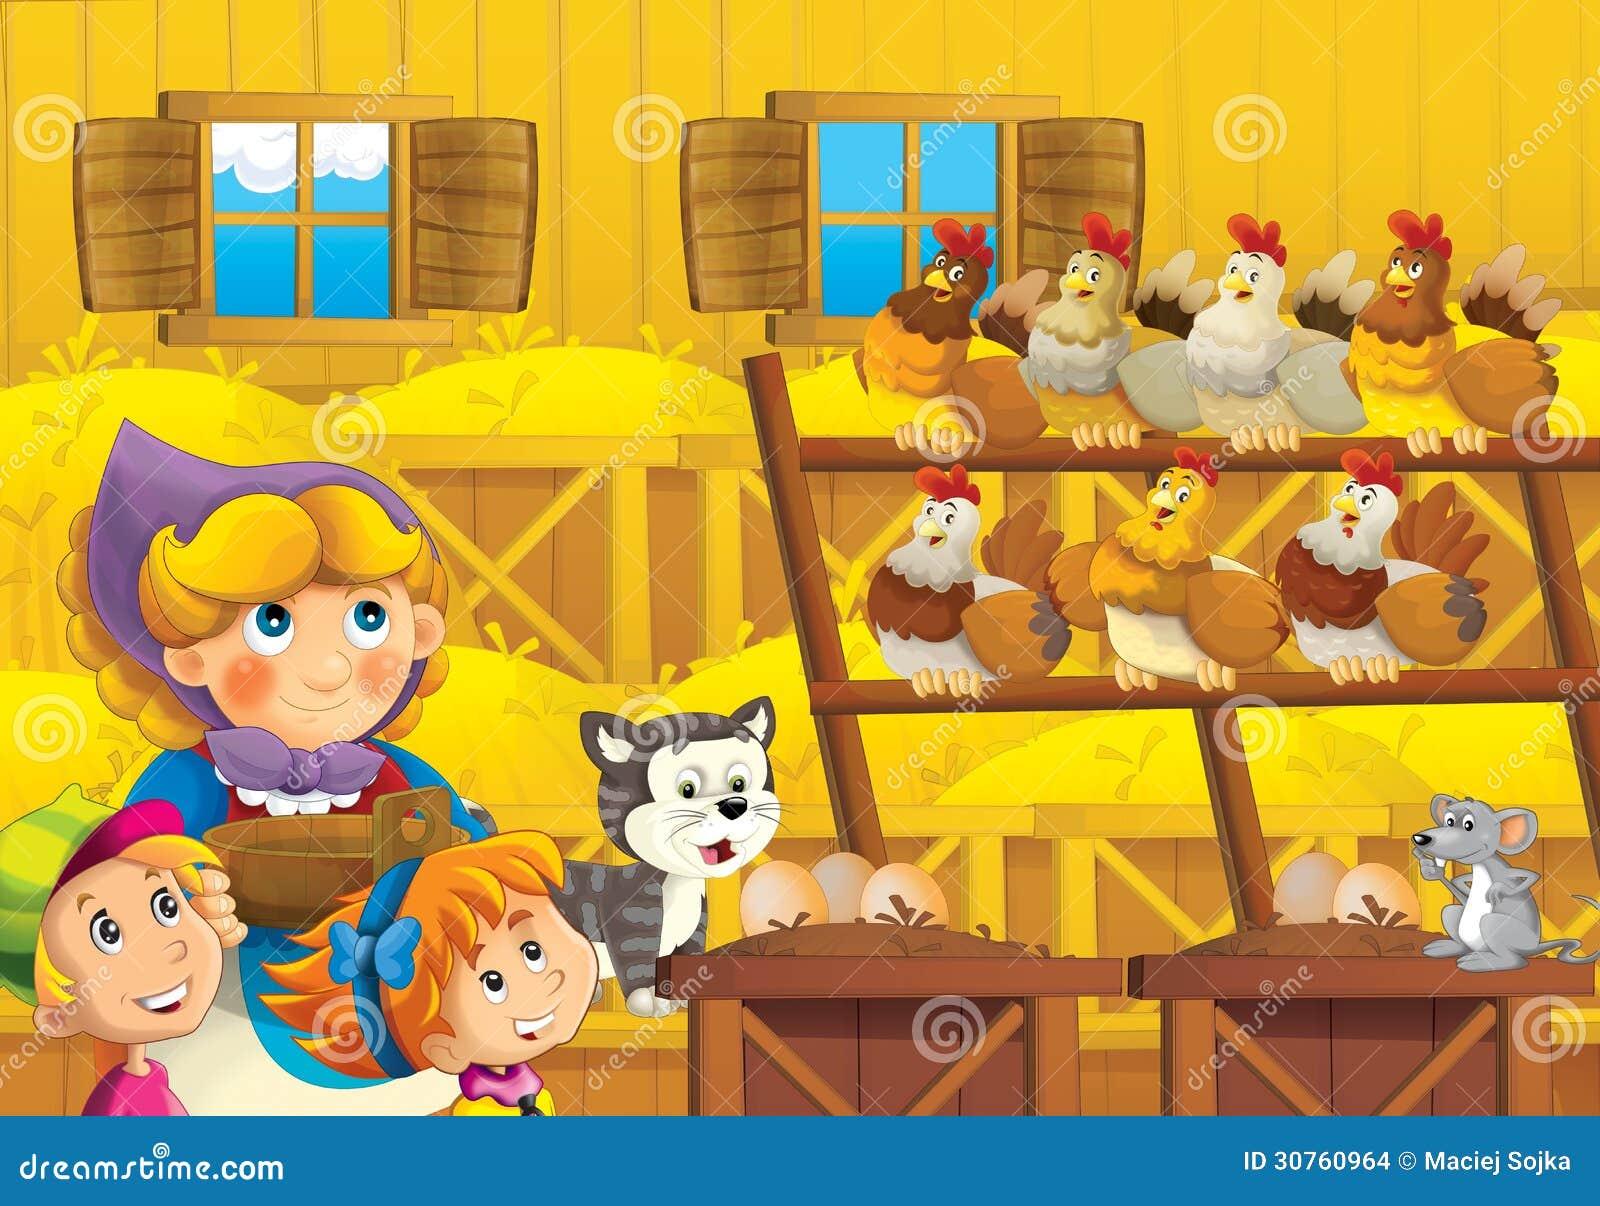 Η αγροτική απεικόνιση για τα παιδιά